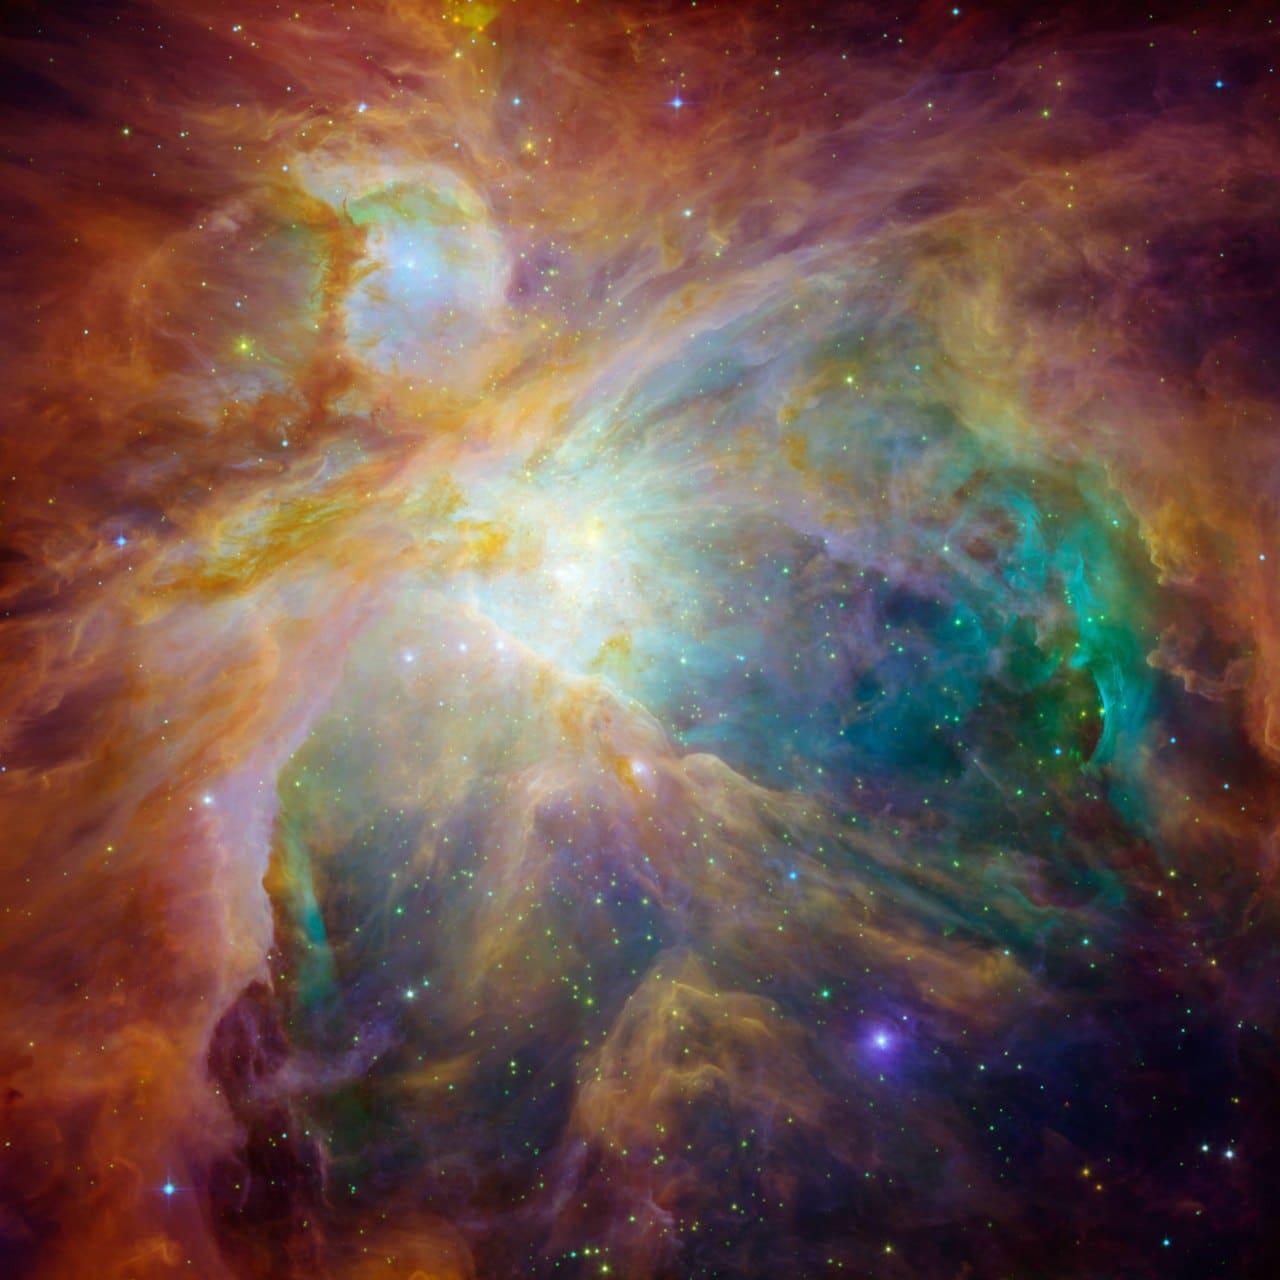 """Космические телескопы НАСА """"Спитцер"""" и """"Хаббл"""" объединились, чтобы показать хаос, который молодые звезды создают на расстоянии 1500 световых лет в космическом облаке, называемом туманностью Ориона. Это поразительное сочетание инфракрасного и видимого света указывает на то, что четыре чудовищно массивные звезды в центре облака могут быть главными виновниками в созвездии Ориона."""